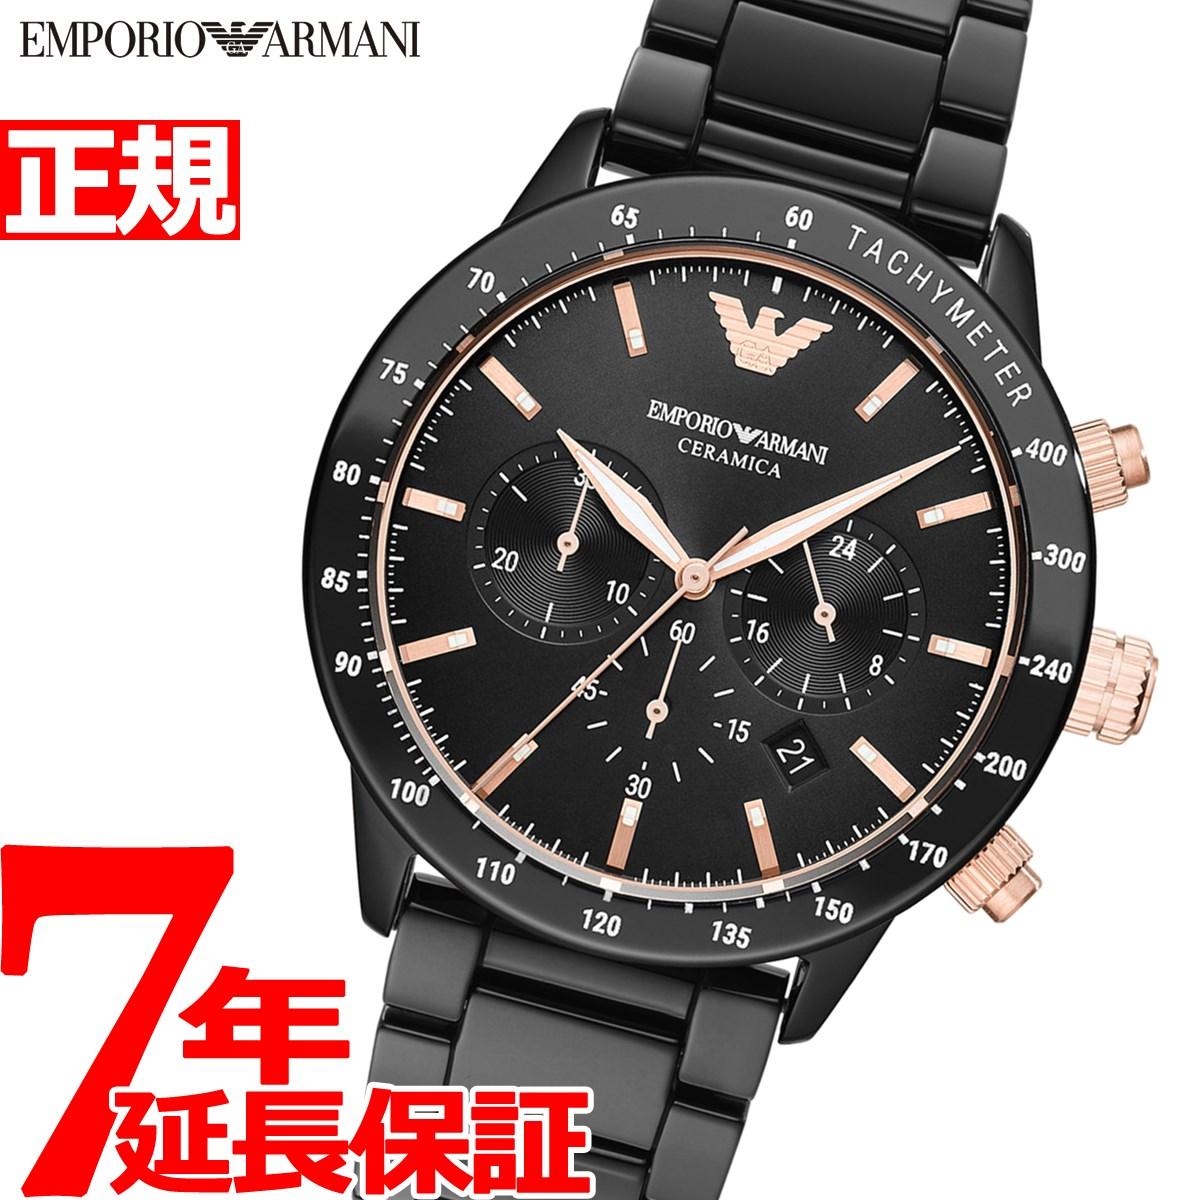 【5日0時~♪10%OFFクーポン&店内ポイント最大51倍!5日23時59分まで】エンポリオアルマーニ EMPORIO ARMANI 腕時計 メンズ クロノグラフ AR70002【2020 新作】